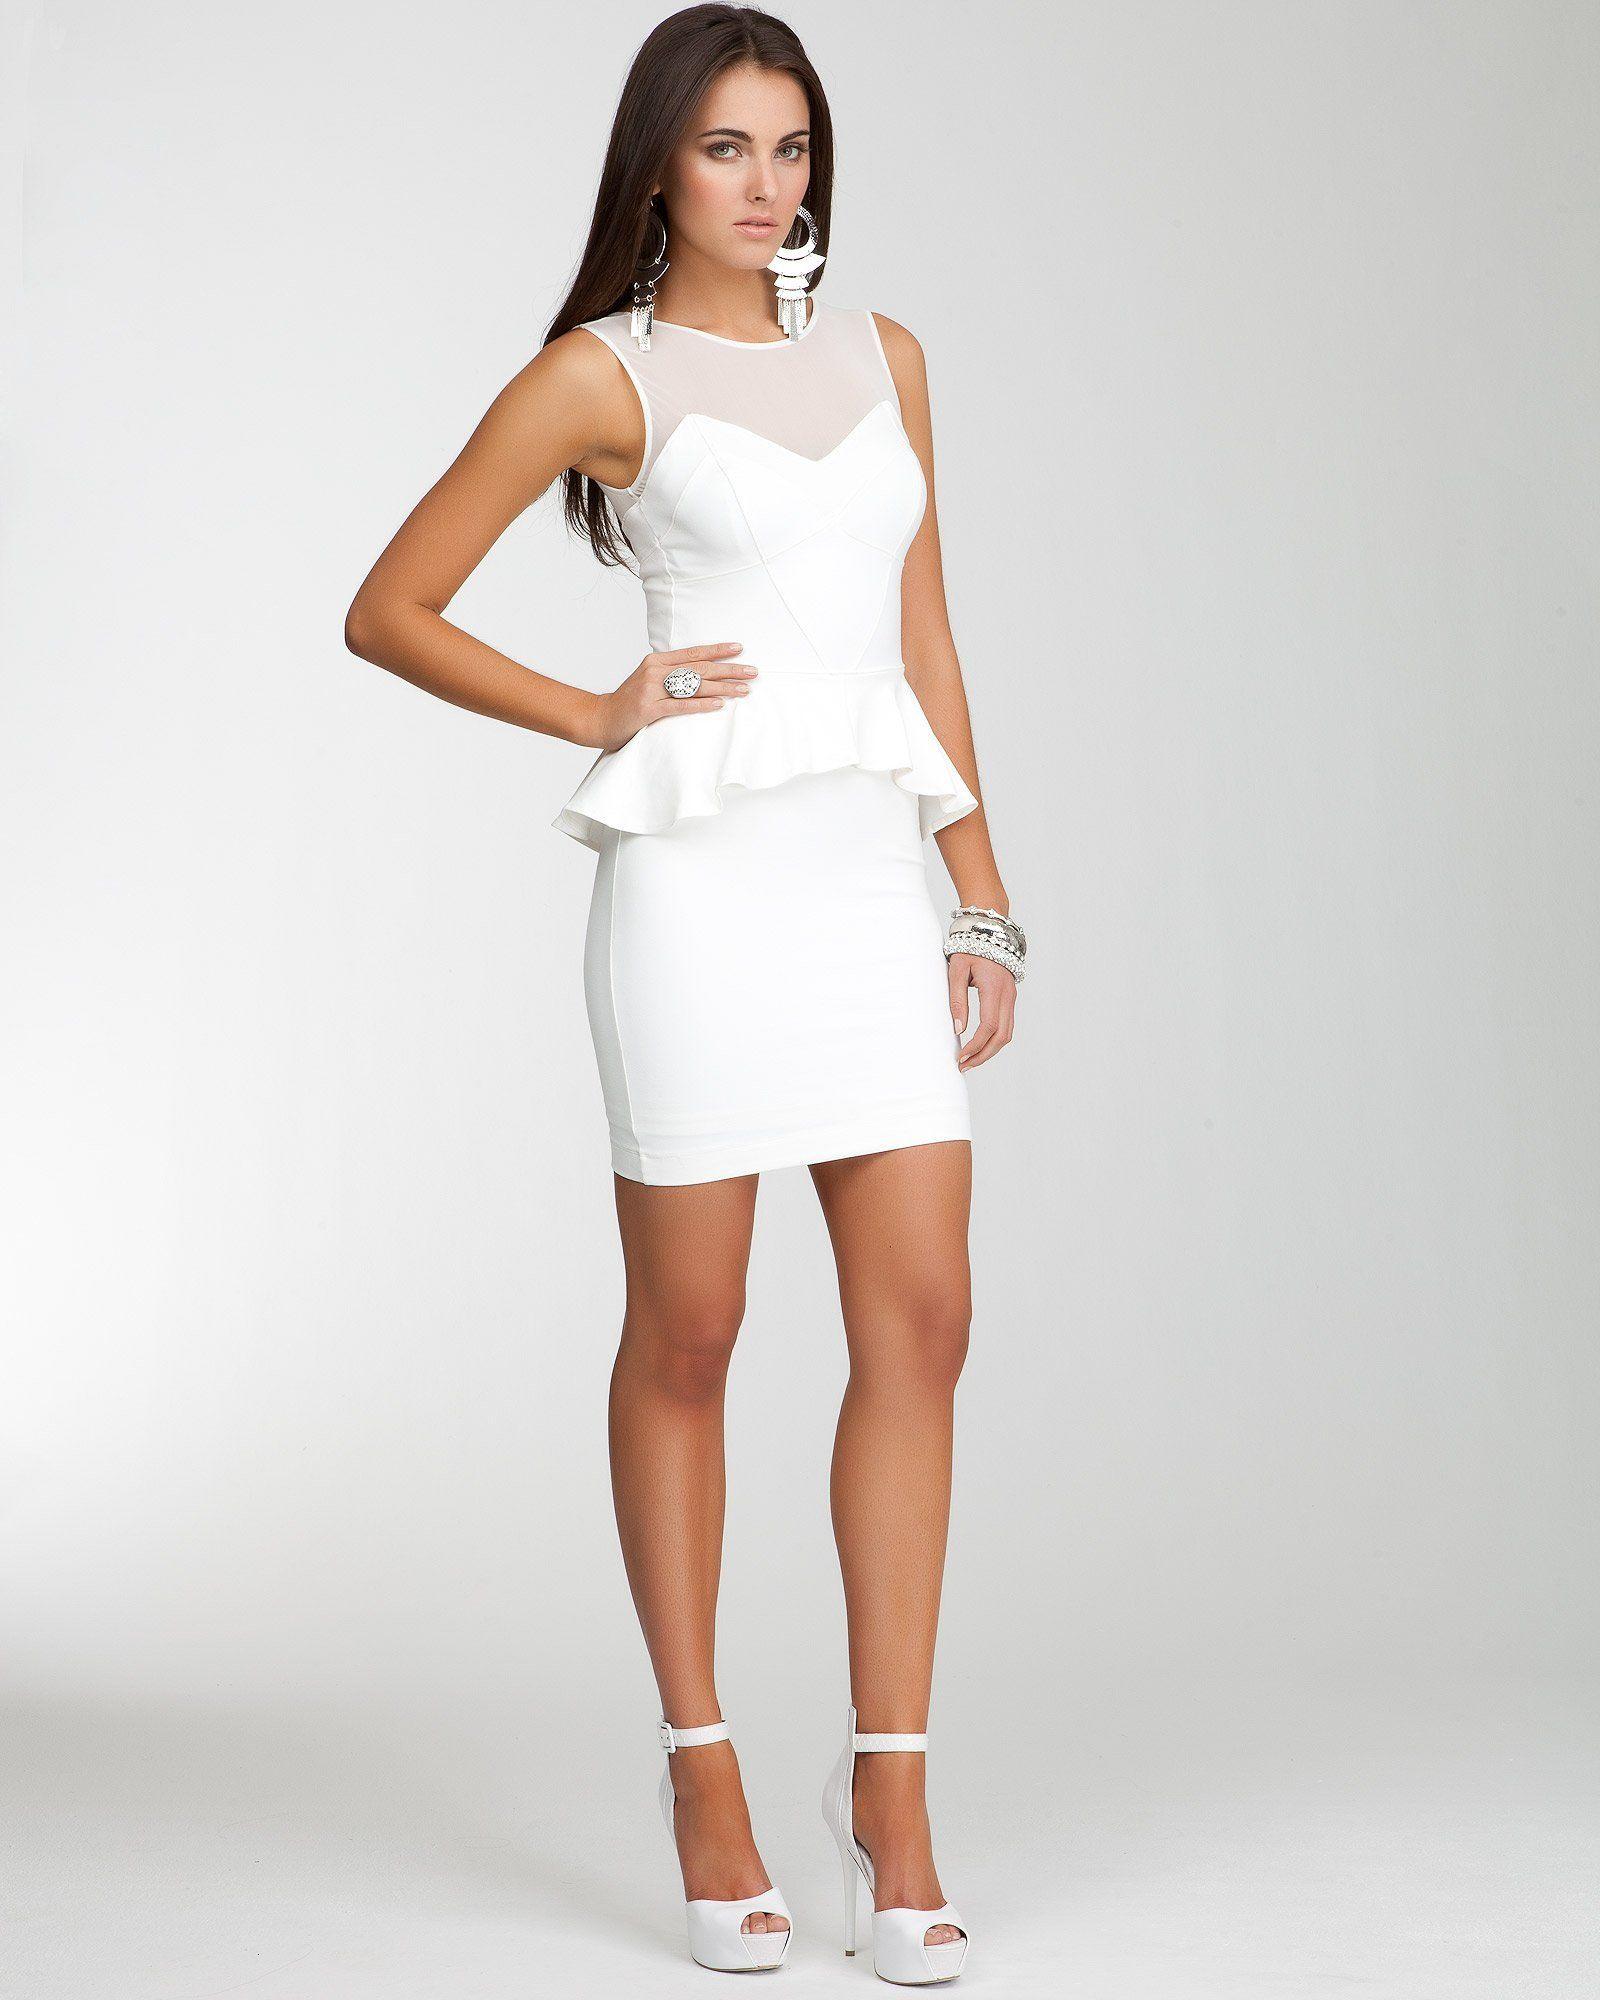 bebe stella peplum dress just might be my white dress